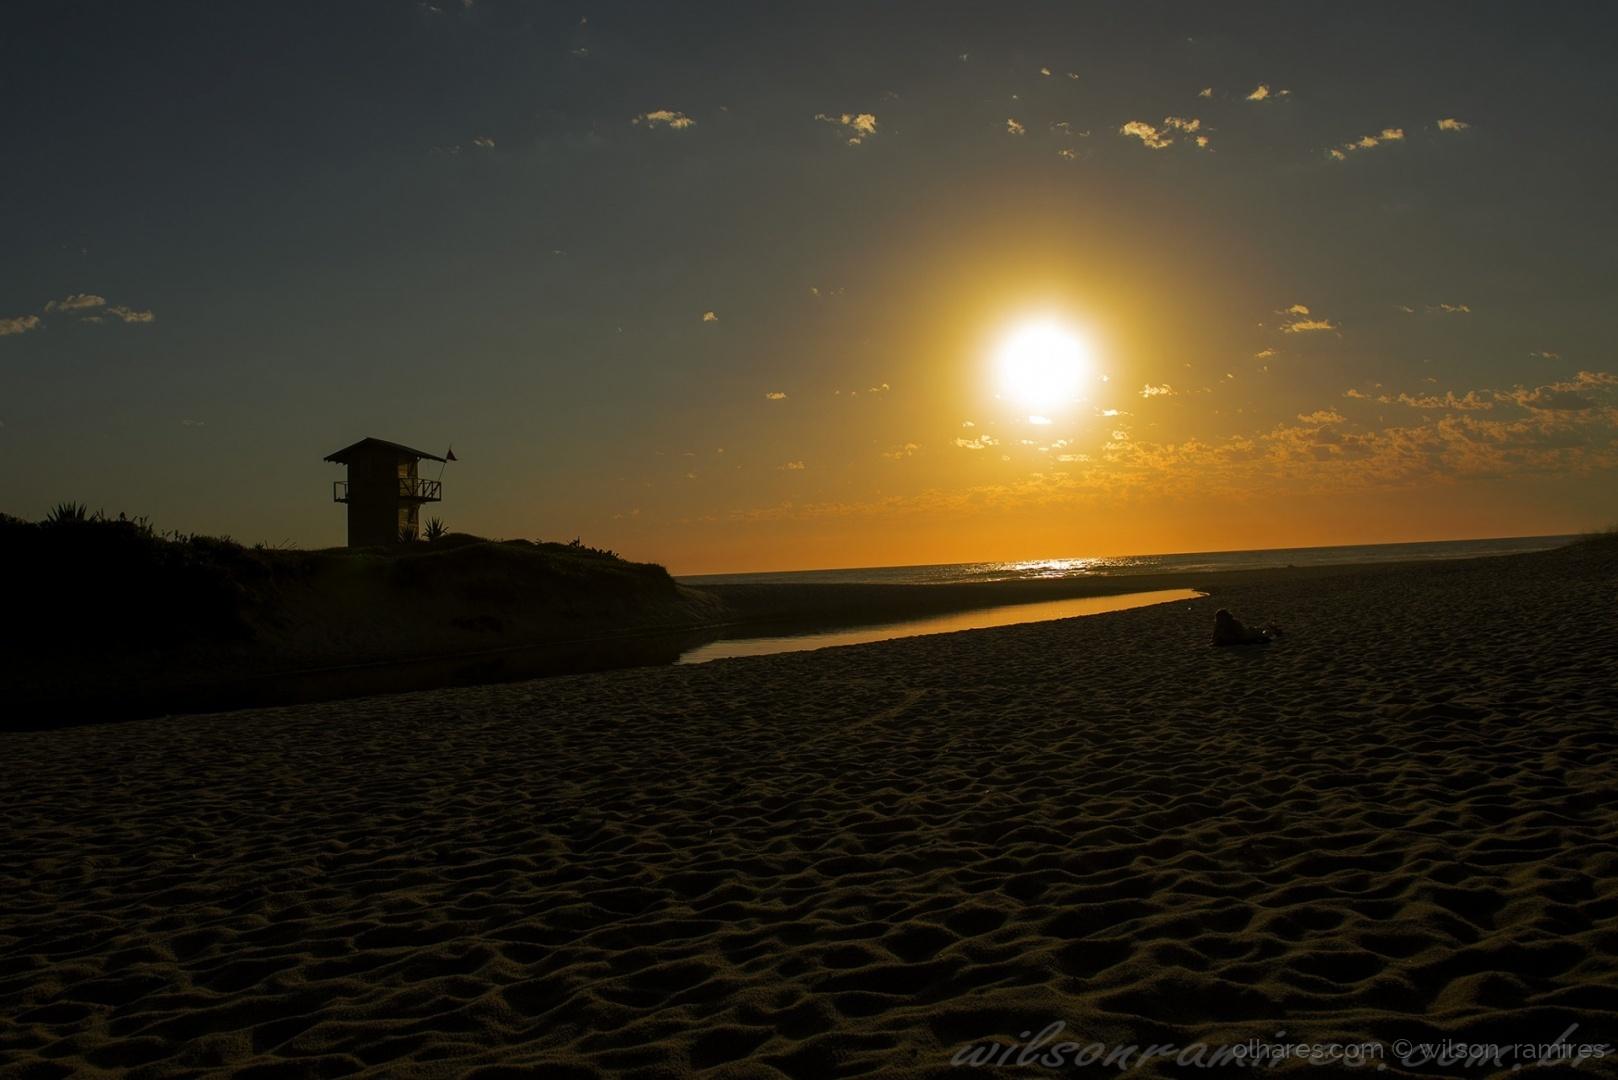 Outros/Praia do Rosa, Santa Catarina, Brasil 2014